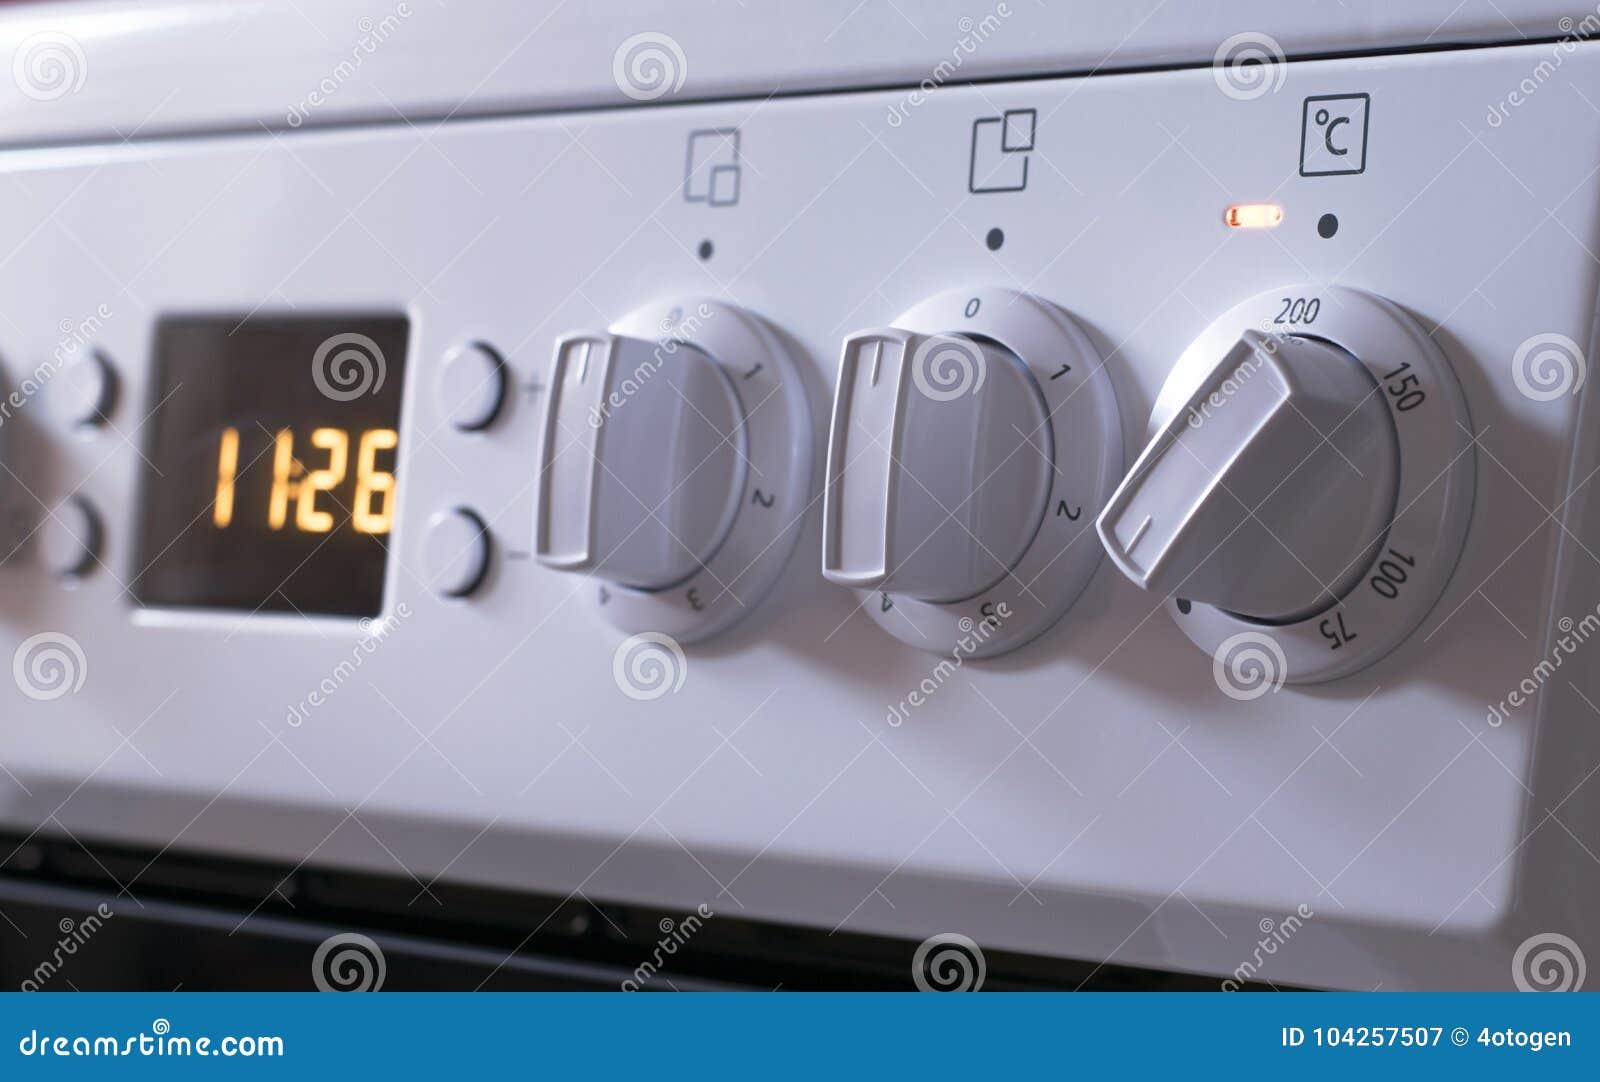 Griffe der Anpassung der Energie von Heizung des elektrischen Ofens